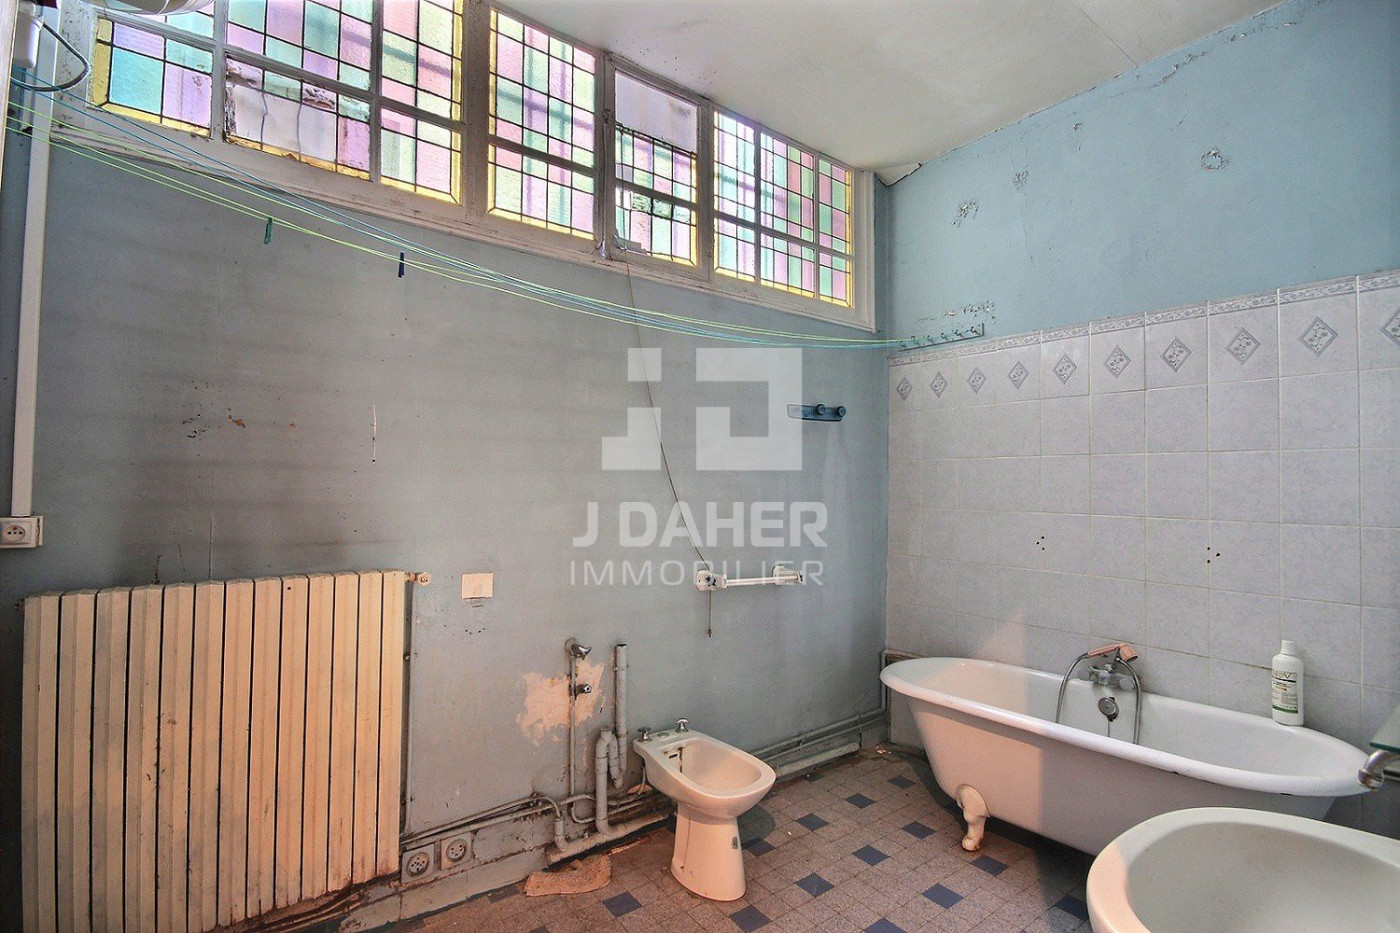 A vendre  Marseille 6eme Arrondissement | Réf 13025967 - J daher immobilier